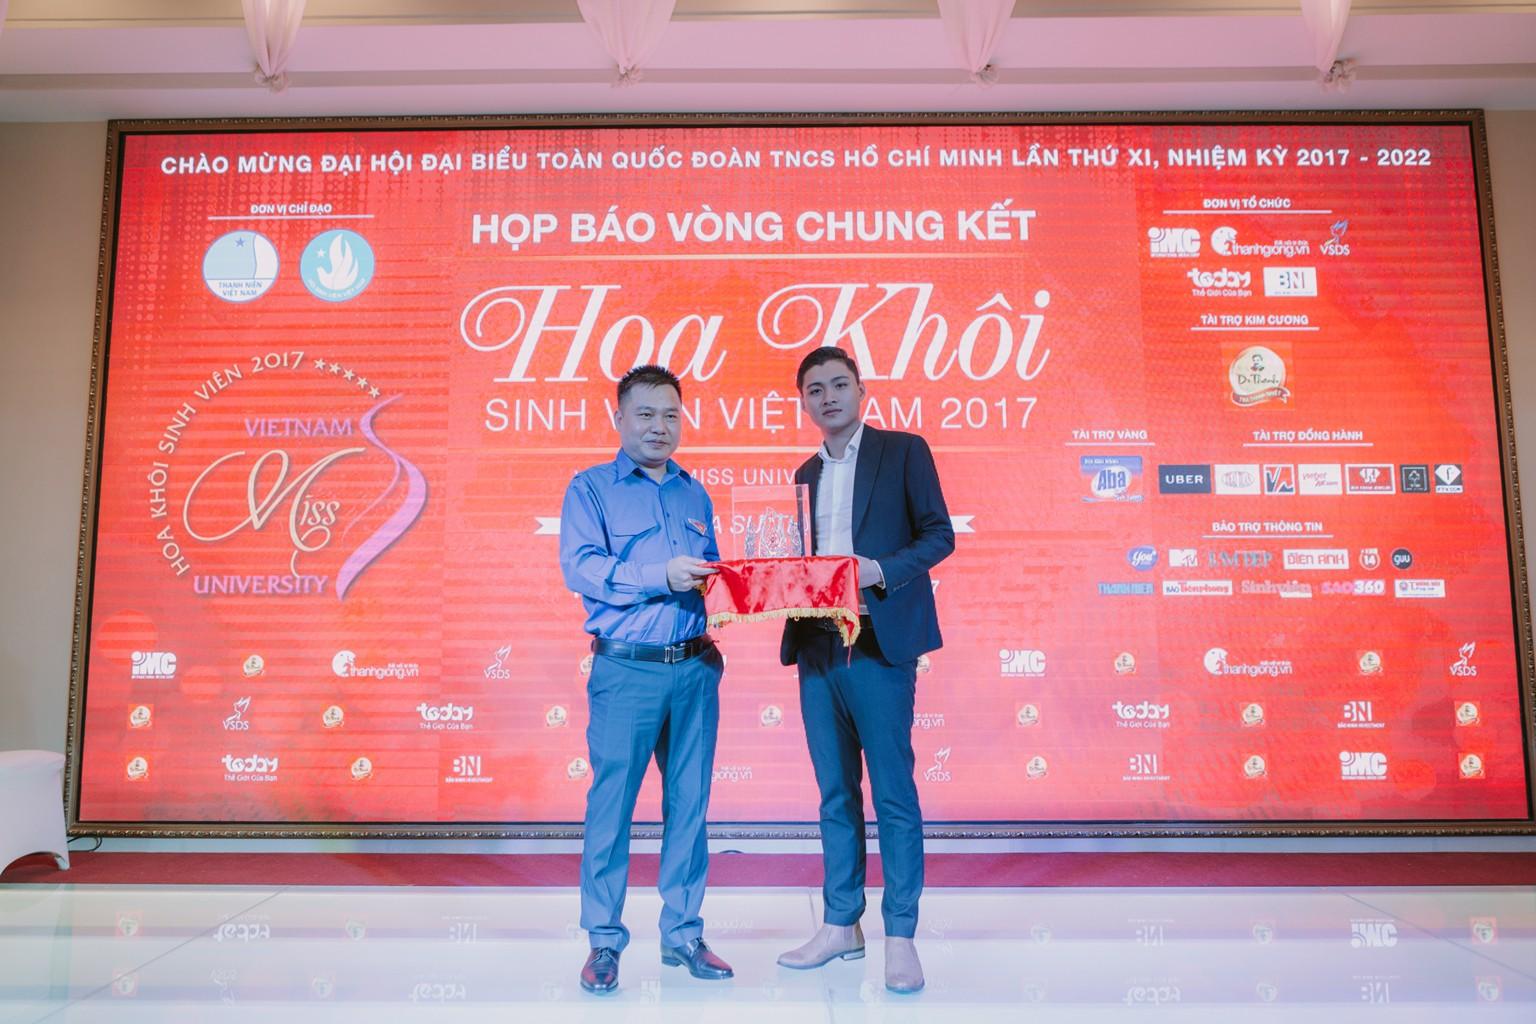 Cuối tuần này, 45 nữ sinh tài năng nhất sẽ cùng tranh tài trong đêm Chung kết Hoa khôi sinh viên Việt Nam - Ảnh 3.